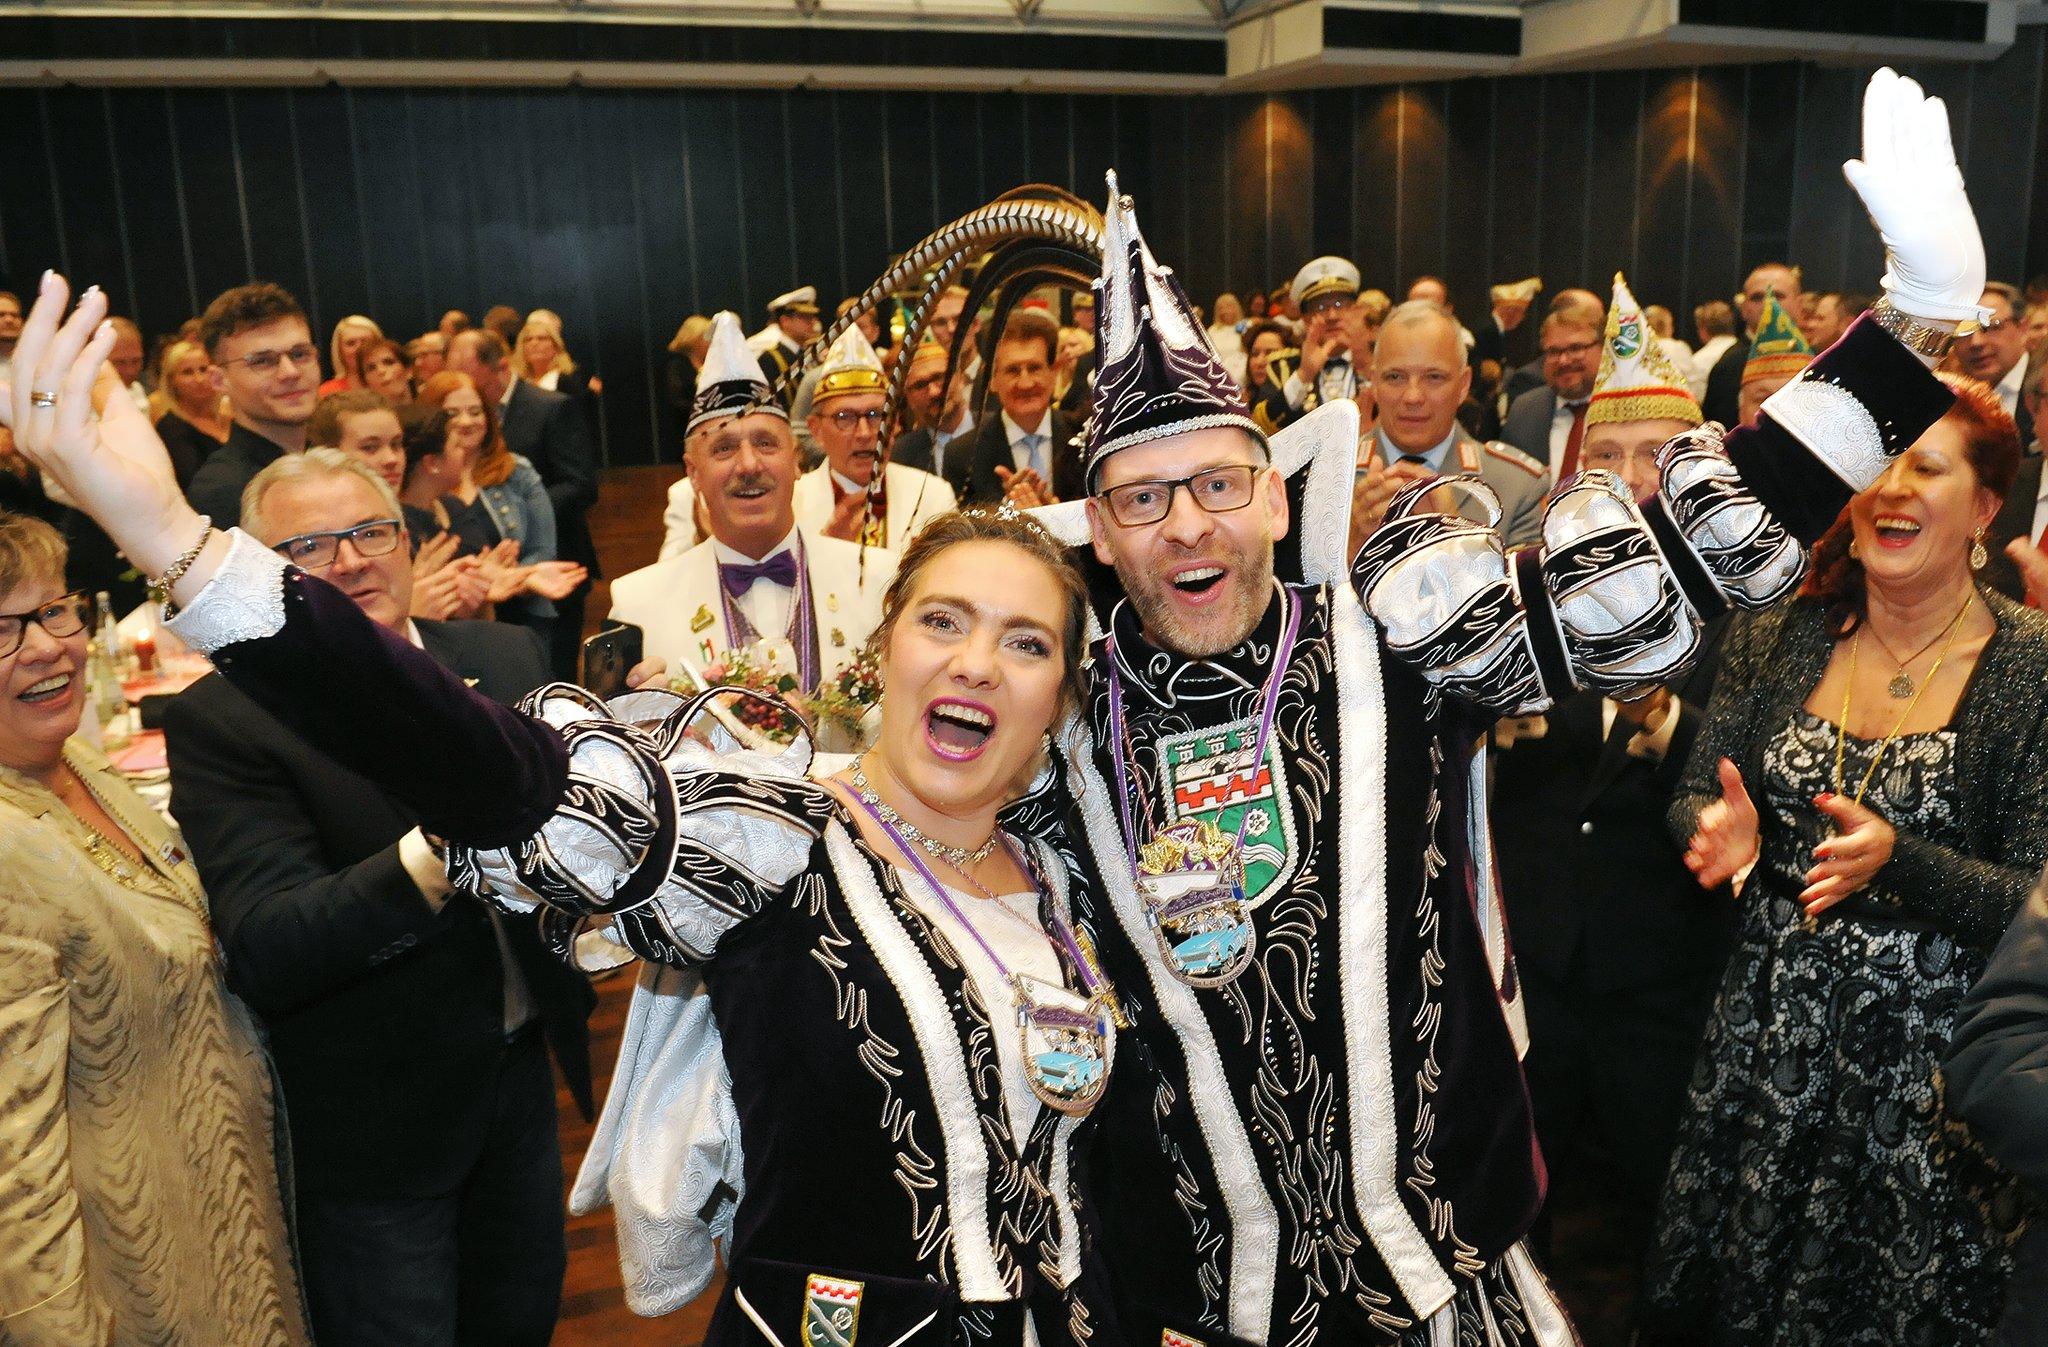 Hilden feiert neue Prinzenpaare: Super Stimmung bei Proklamation - Hilden - Lokalkompass.de